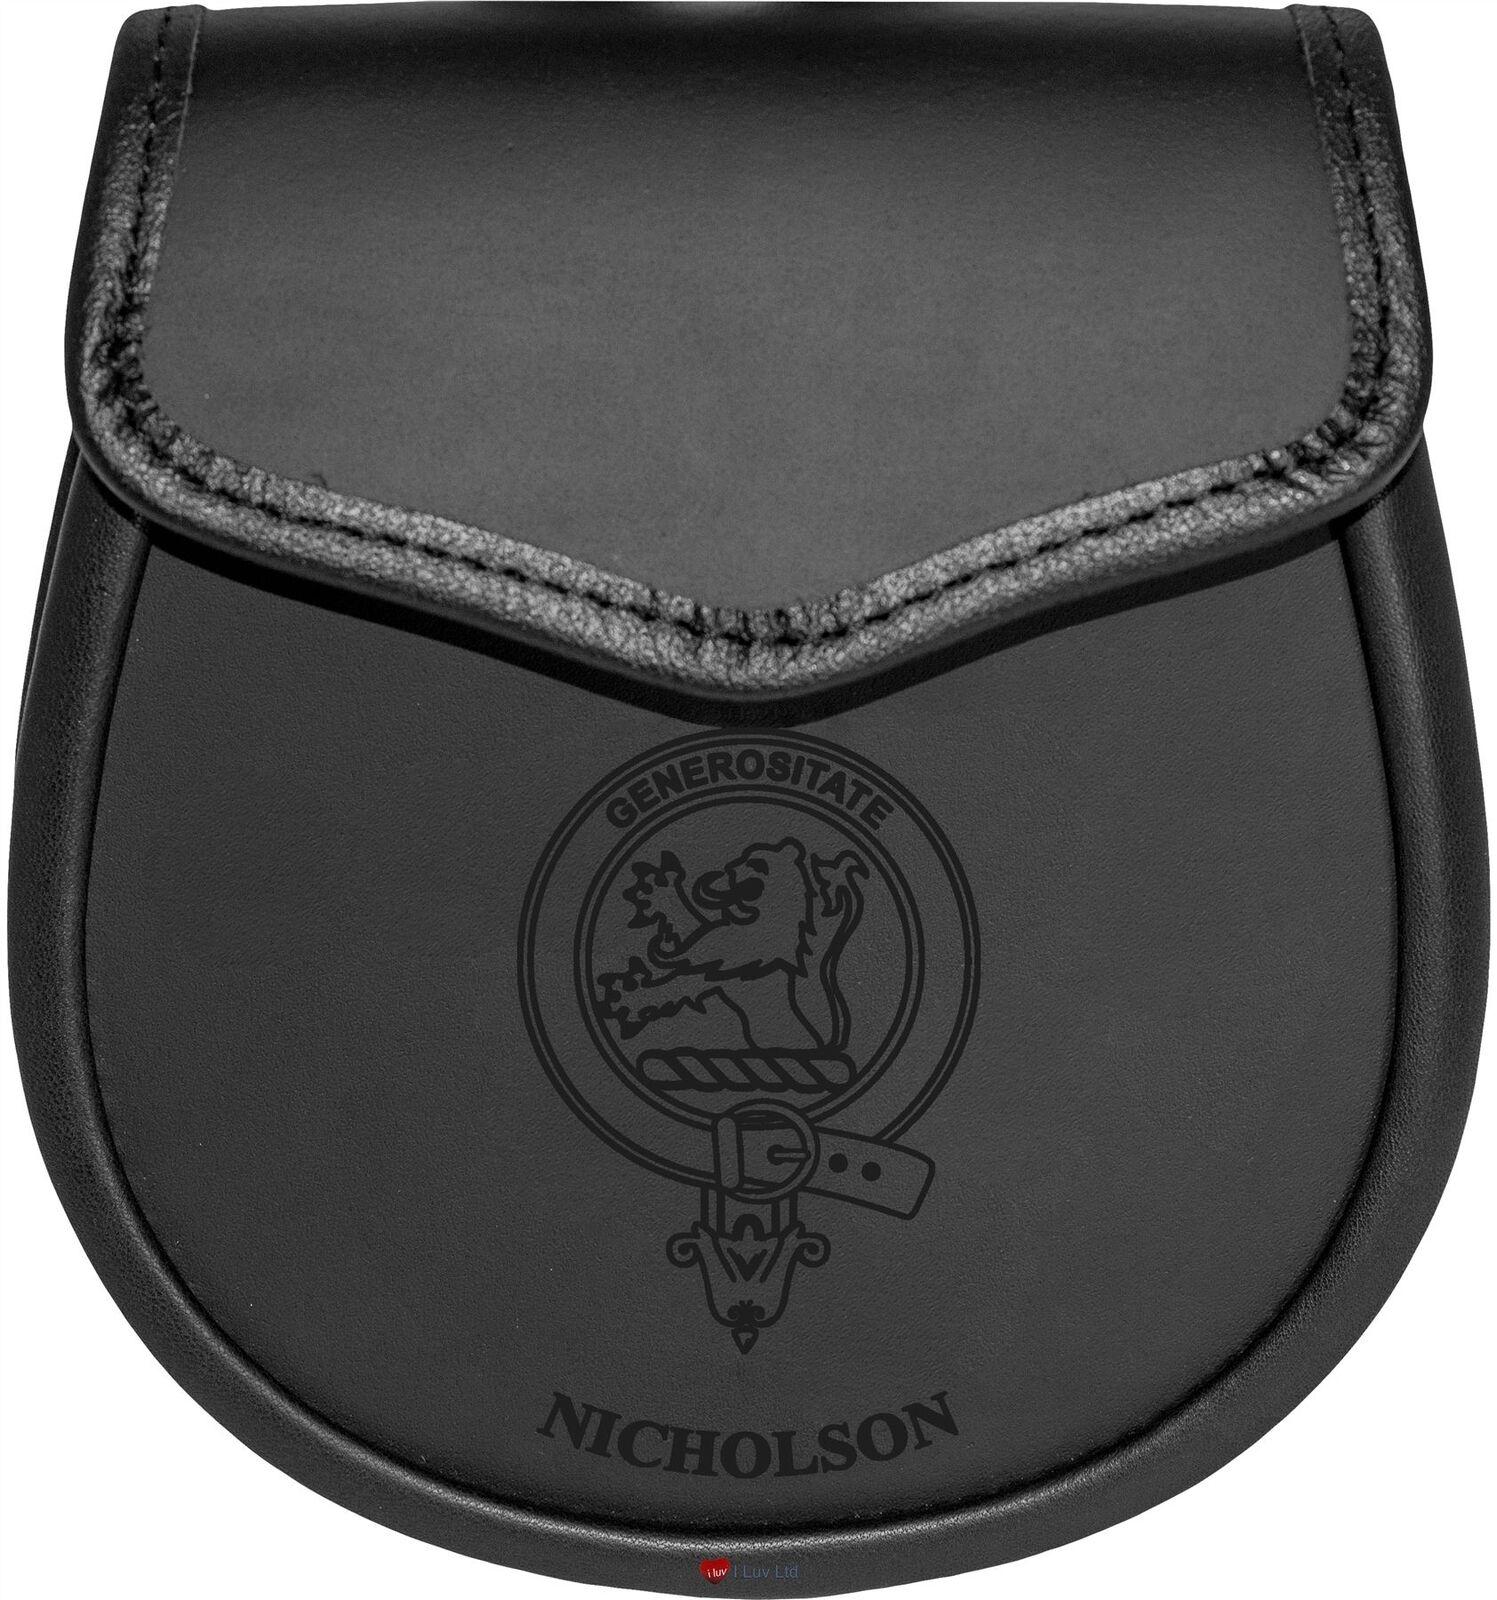 Nicholson Leather Day Sporran Scottish Clan Crest